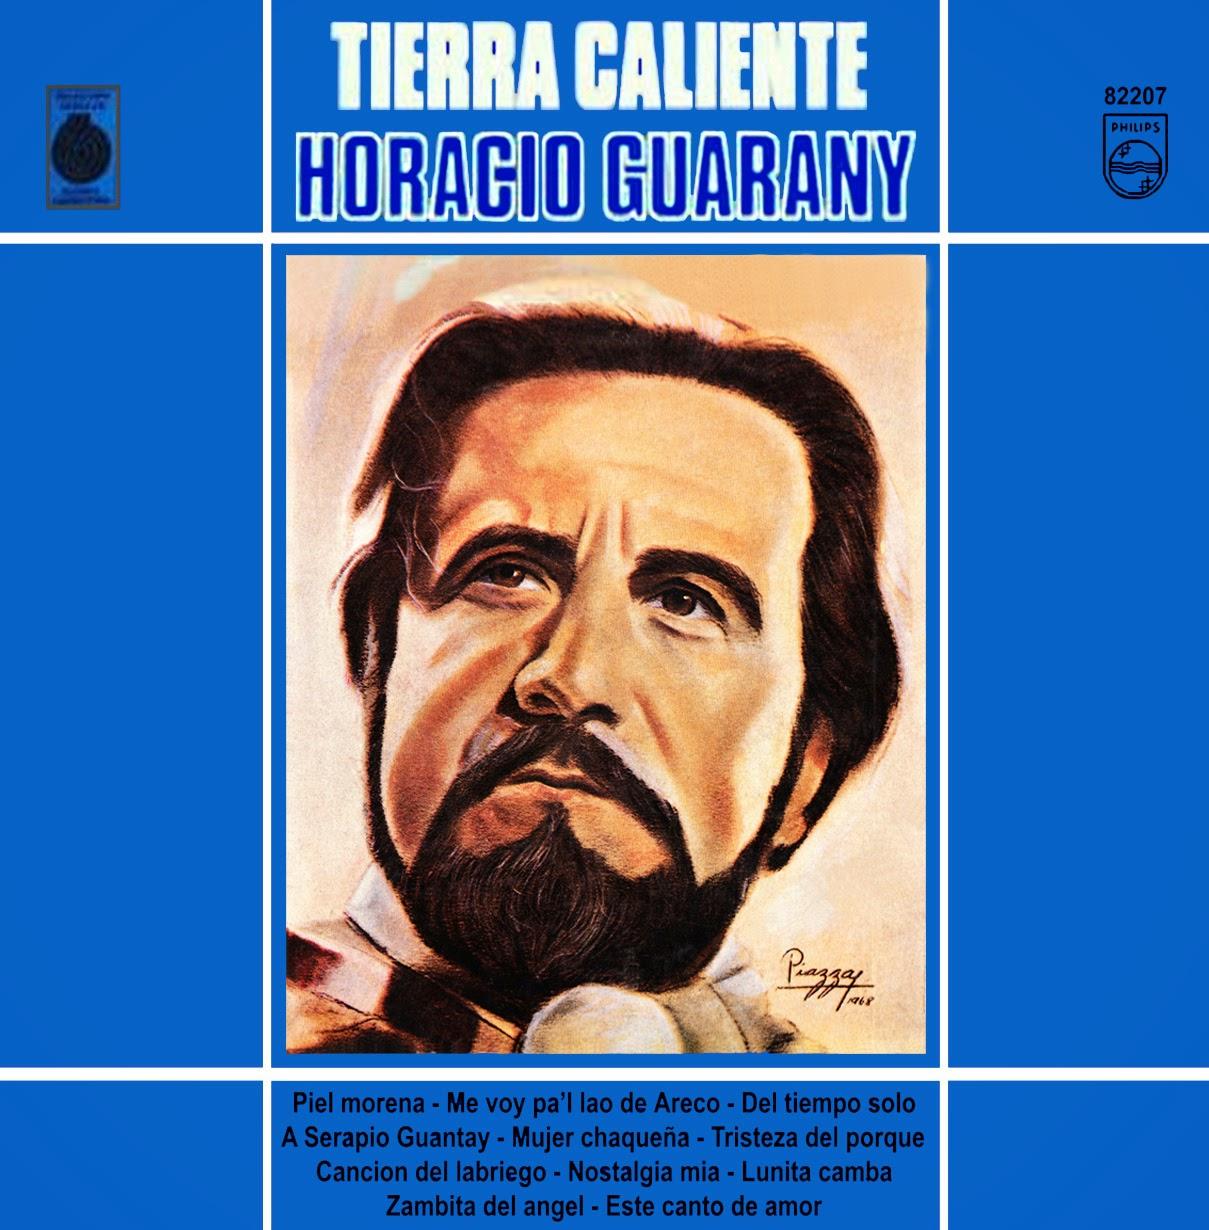 horacio+guarany+1